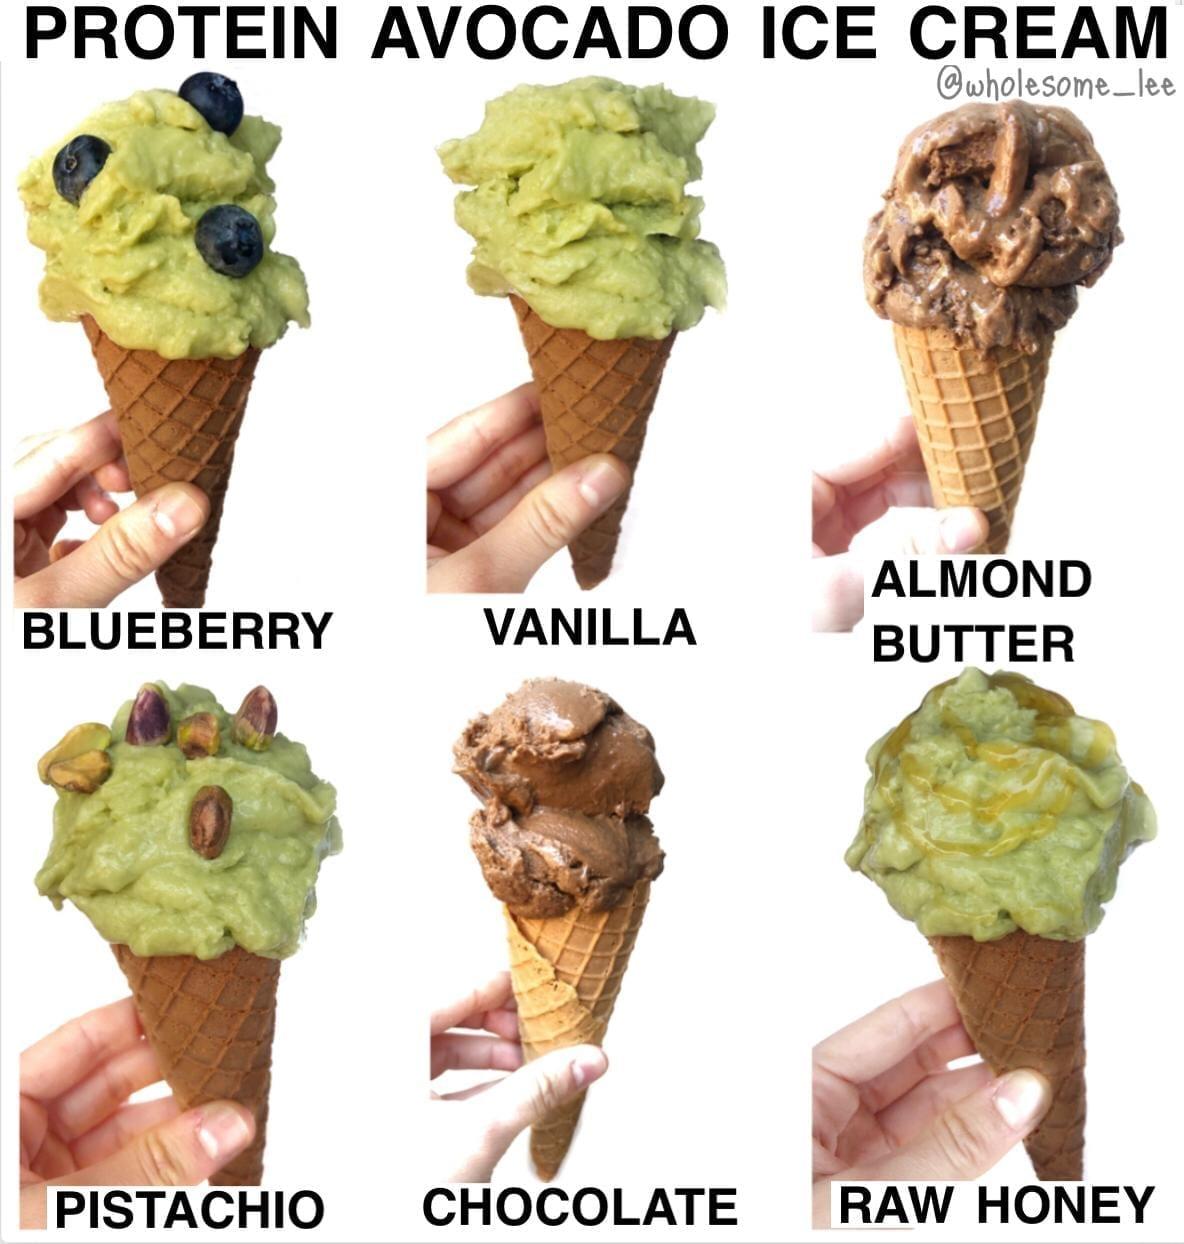 Protein Avocado Ice Cream